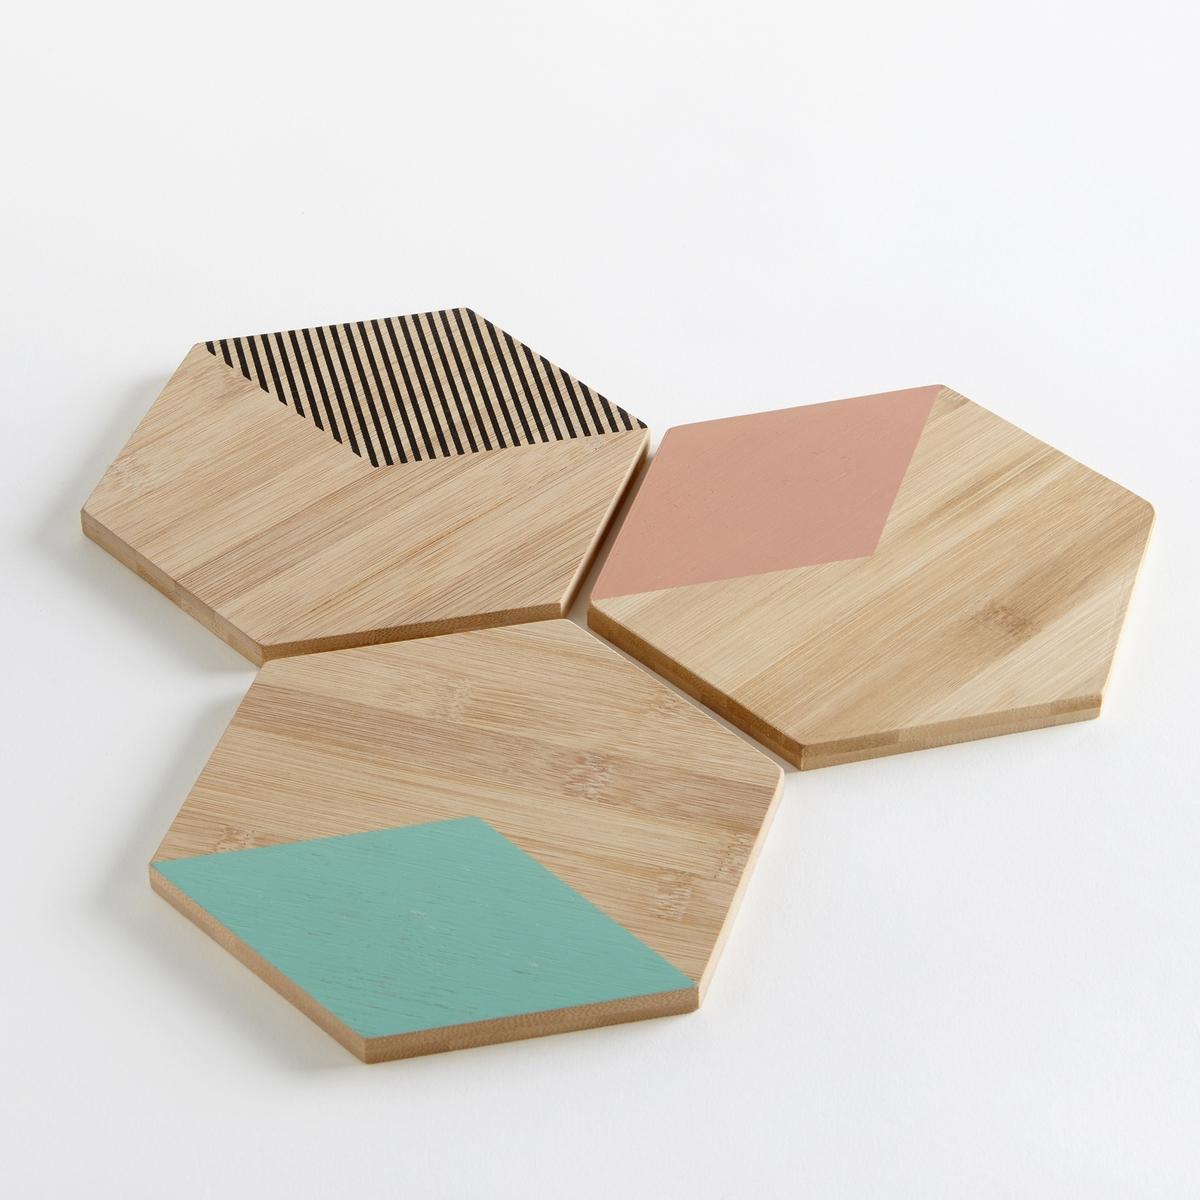 3 подставки под блюдаХарактеристики 3 подставок под блюда :- Подставки под блюда из бамбука шестиугольной формы-  Размеры : 15 x 17 см  - Толщина : 1 см- Не подходит для использования в микроволновой печи и посудомоечной машине .- Комплект из 3 штук<br><br>Цвет: бамбук